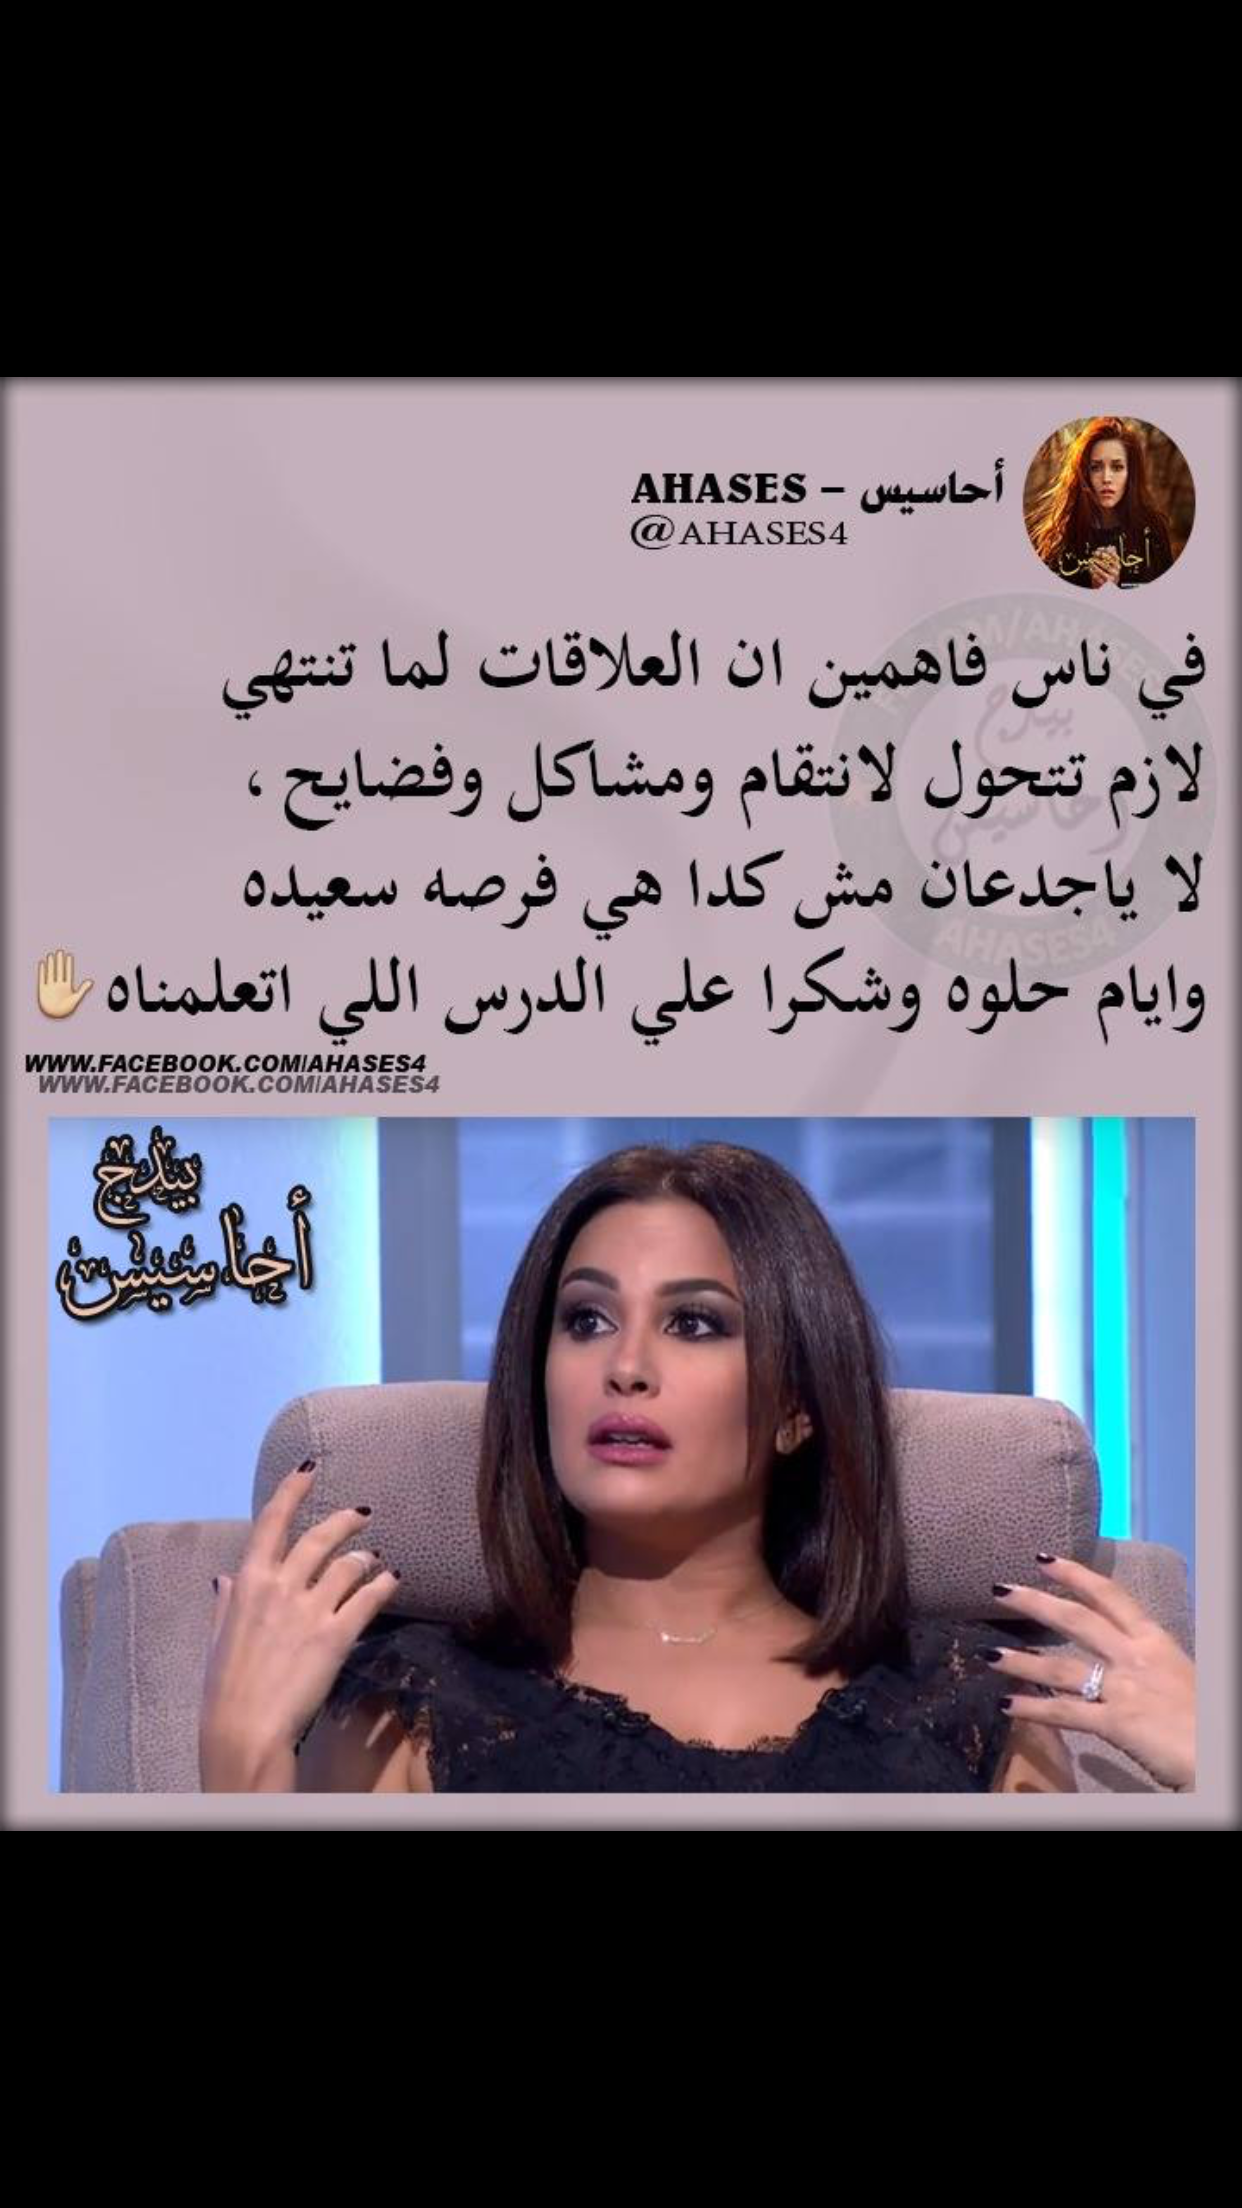 لأنهم مااتربوش ع الاخلاق و احترام العيش والملح والذكريات S M Arabic Quotes Wisdom Quotes Life Touching Words